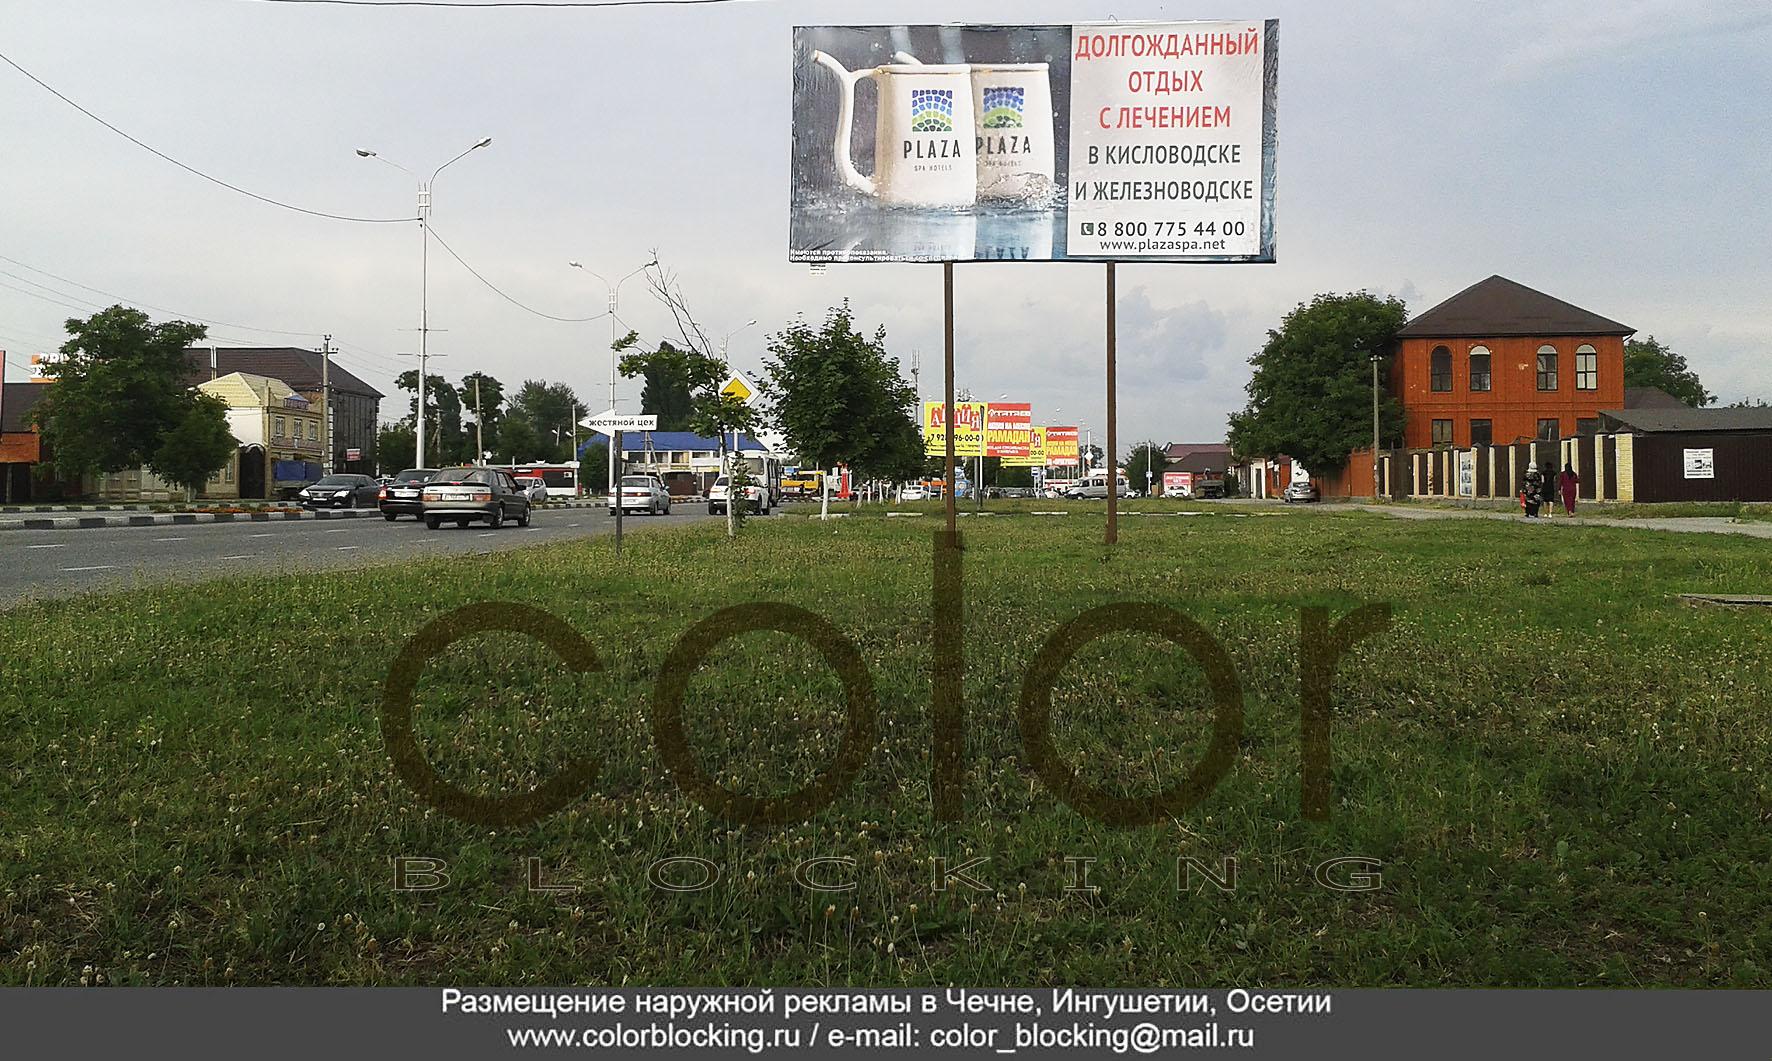 Реклама в центре Грозного Чеченская Республика